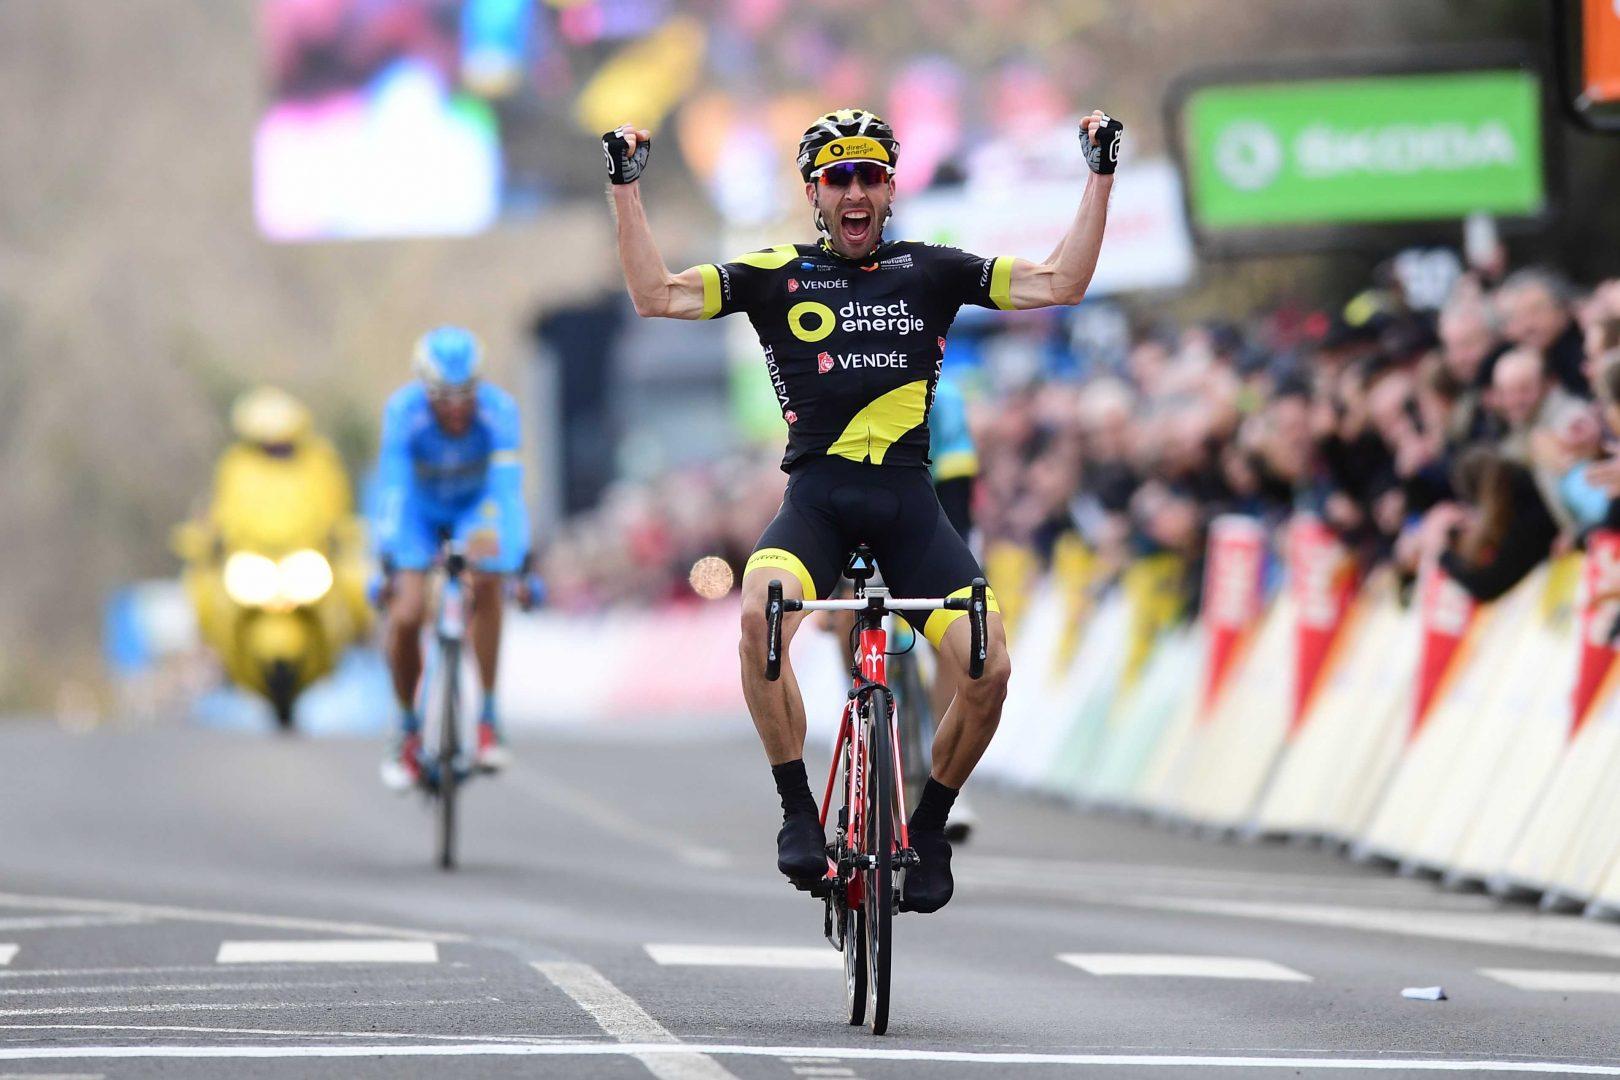 El corredor murciano de Astana salió como nuevo líder de la general de la París Niza tras la tercera etapa, con una ventaja de 29 segundos sobre el francés Demare (FDJ). (Foto: Alex Broadway)